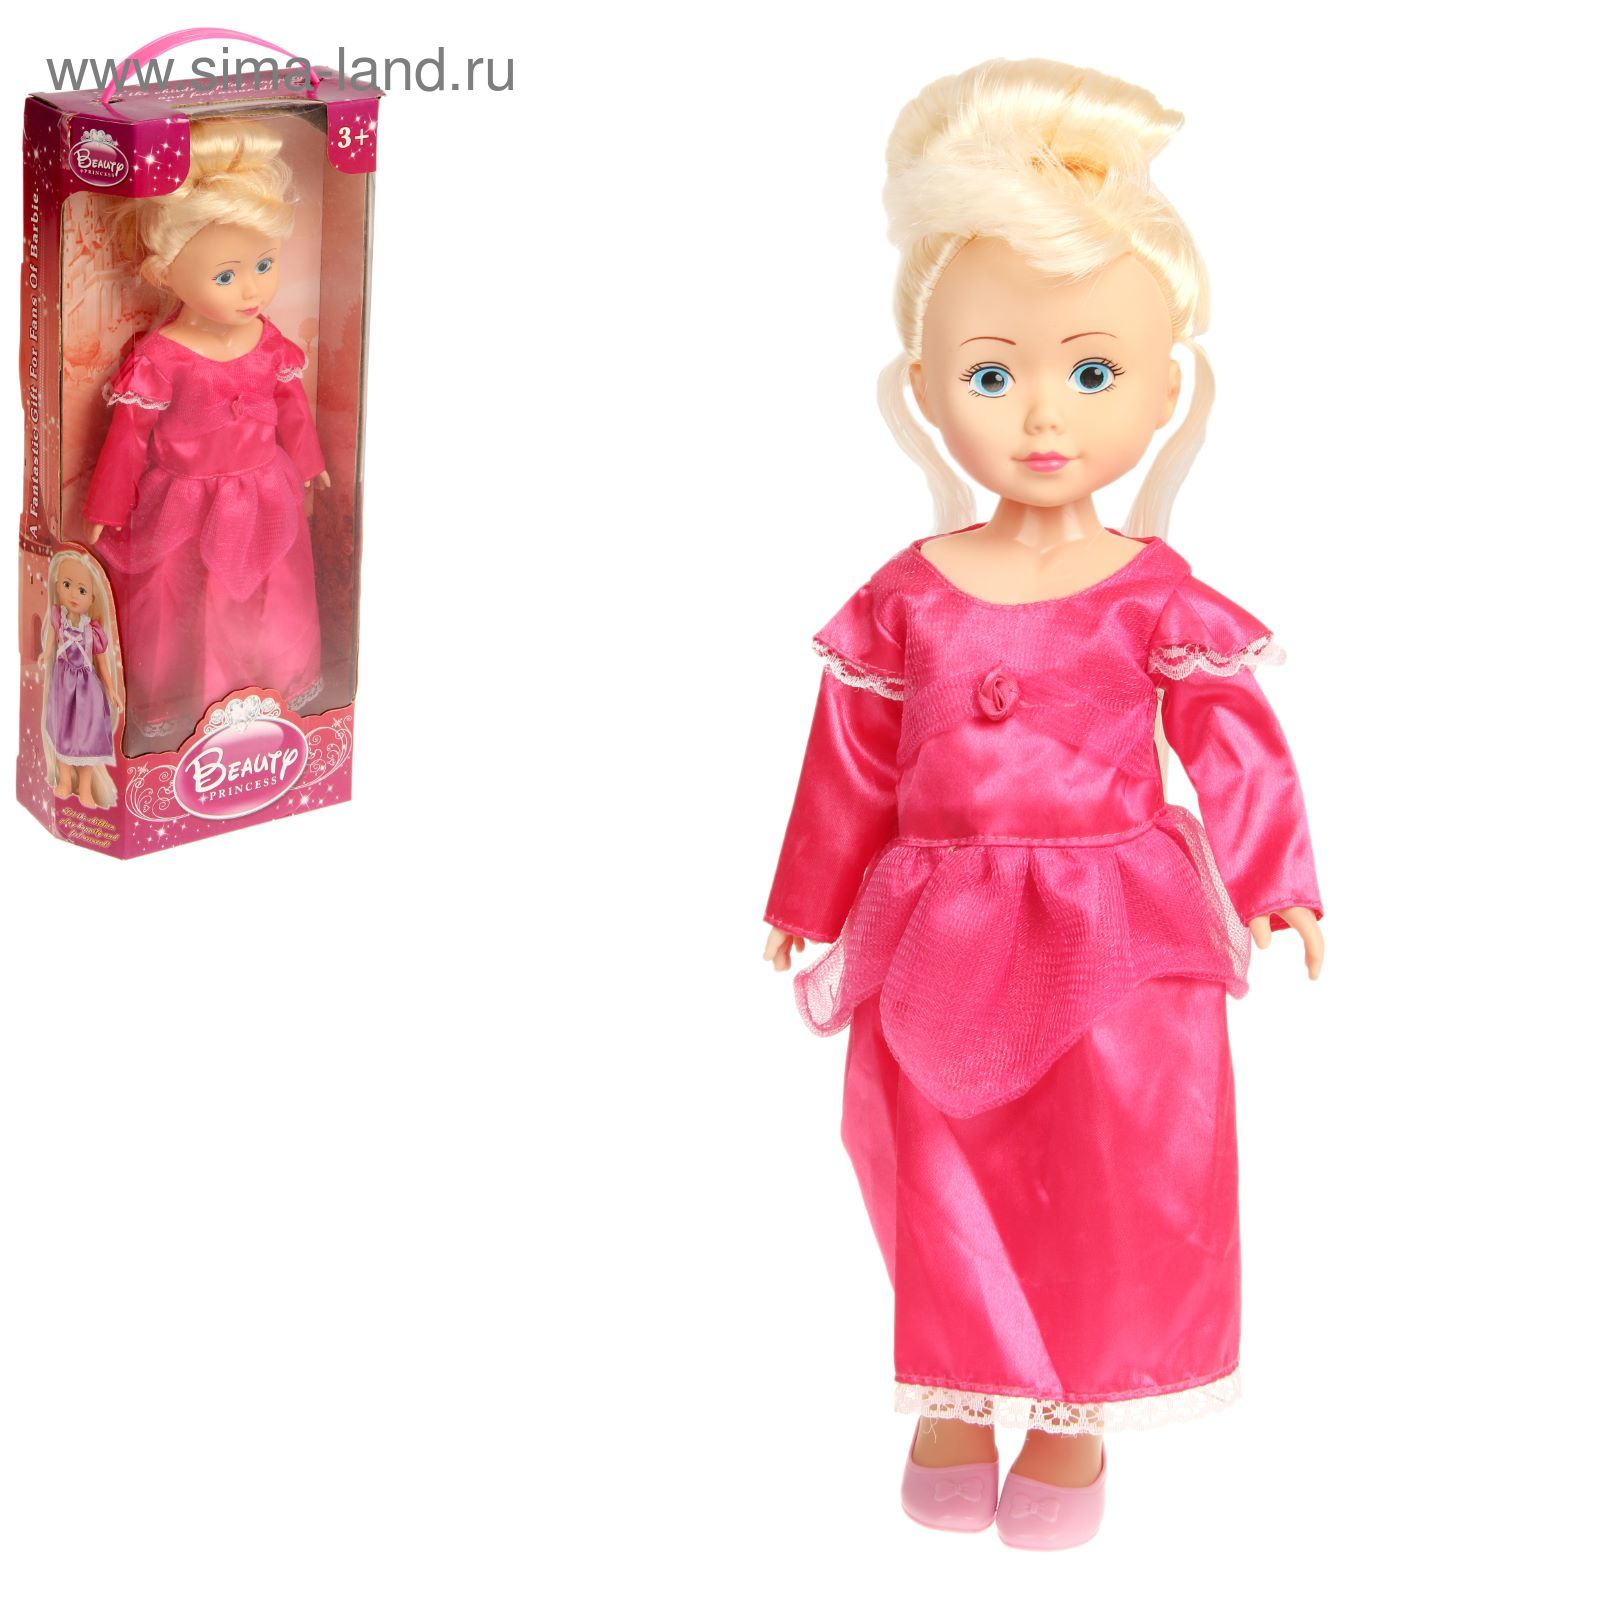 992561c3810 Кукла принцесса